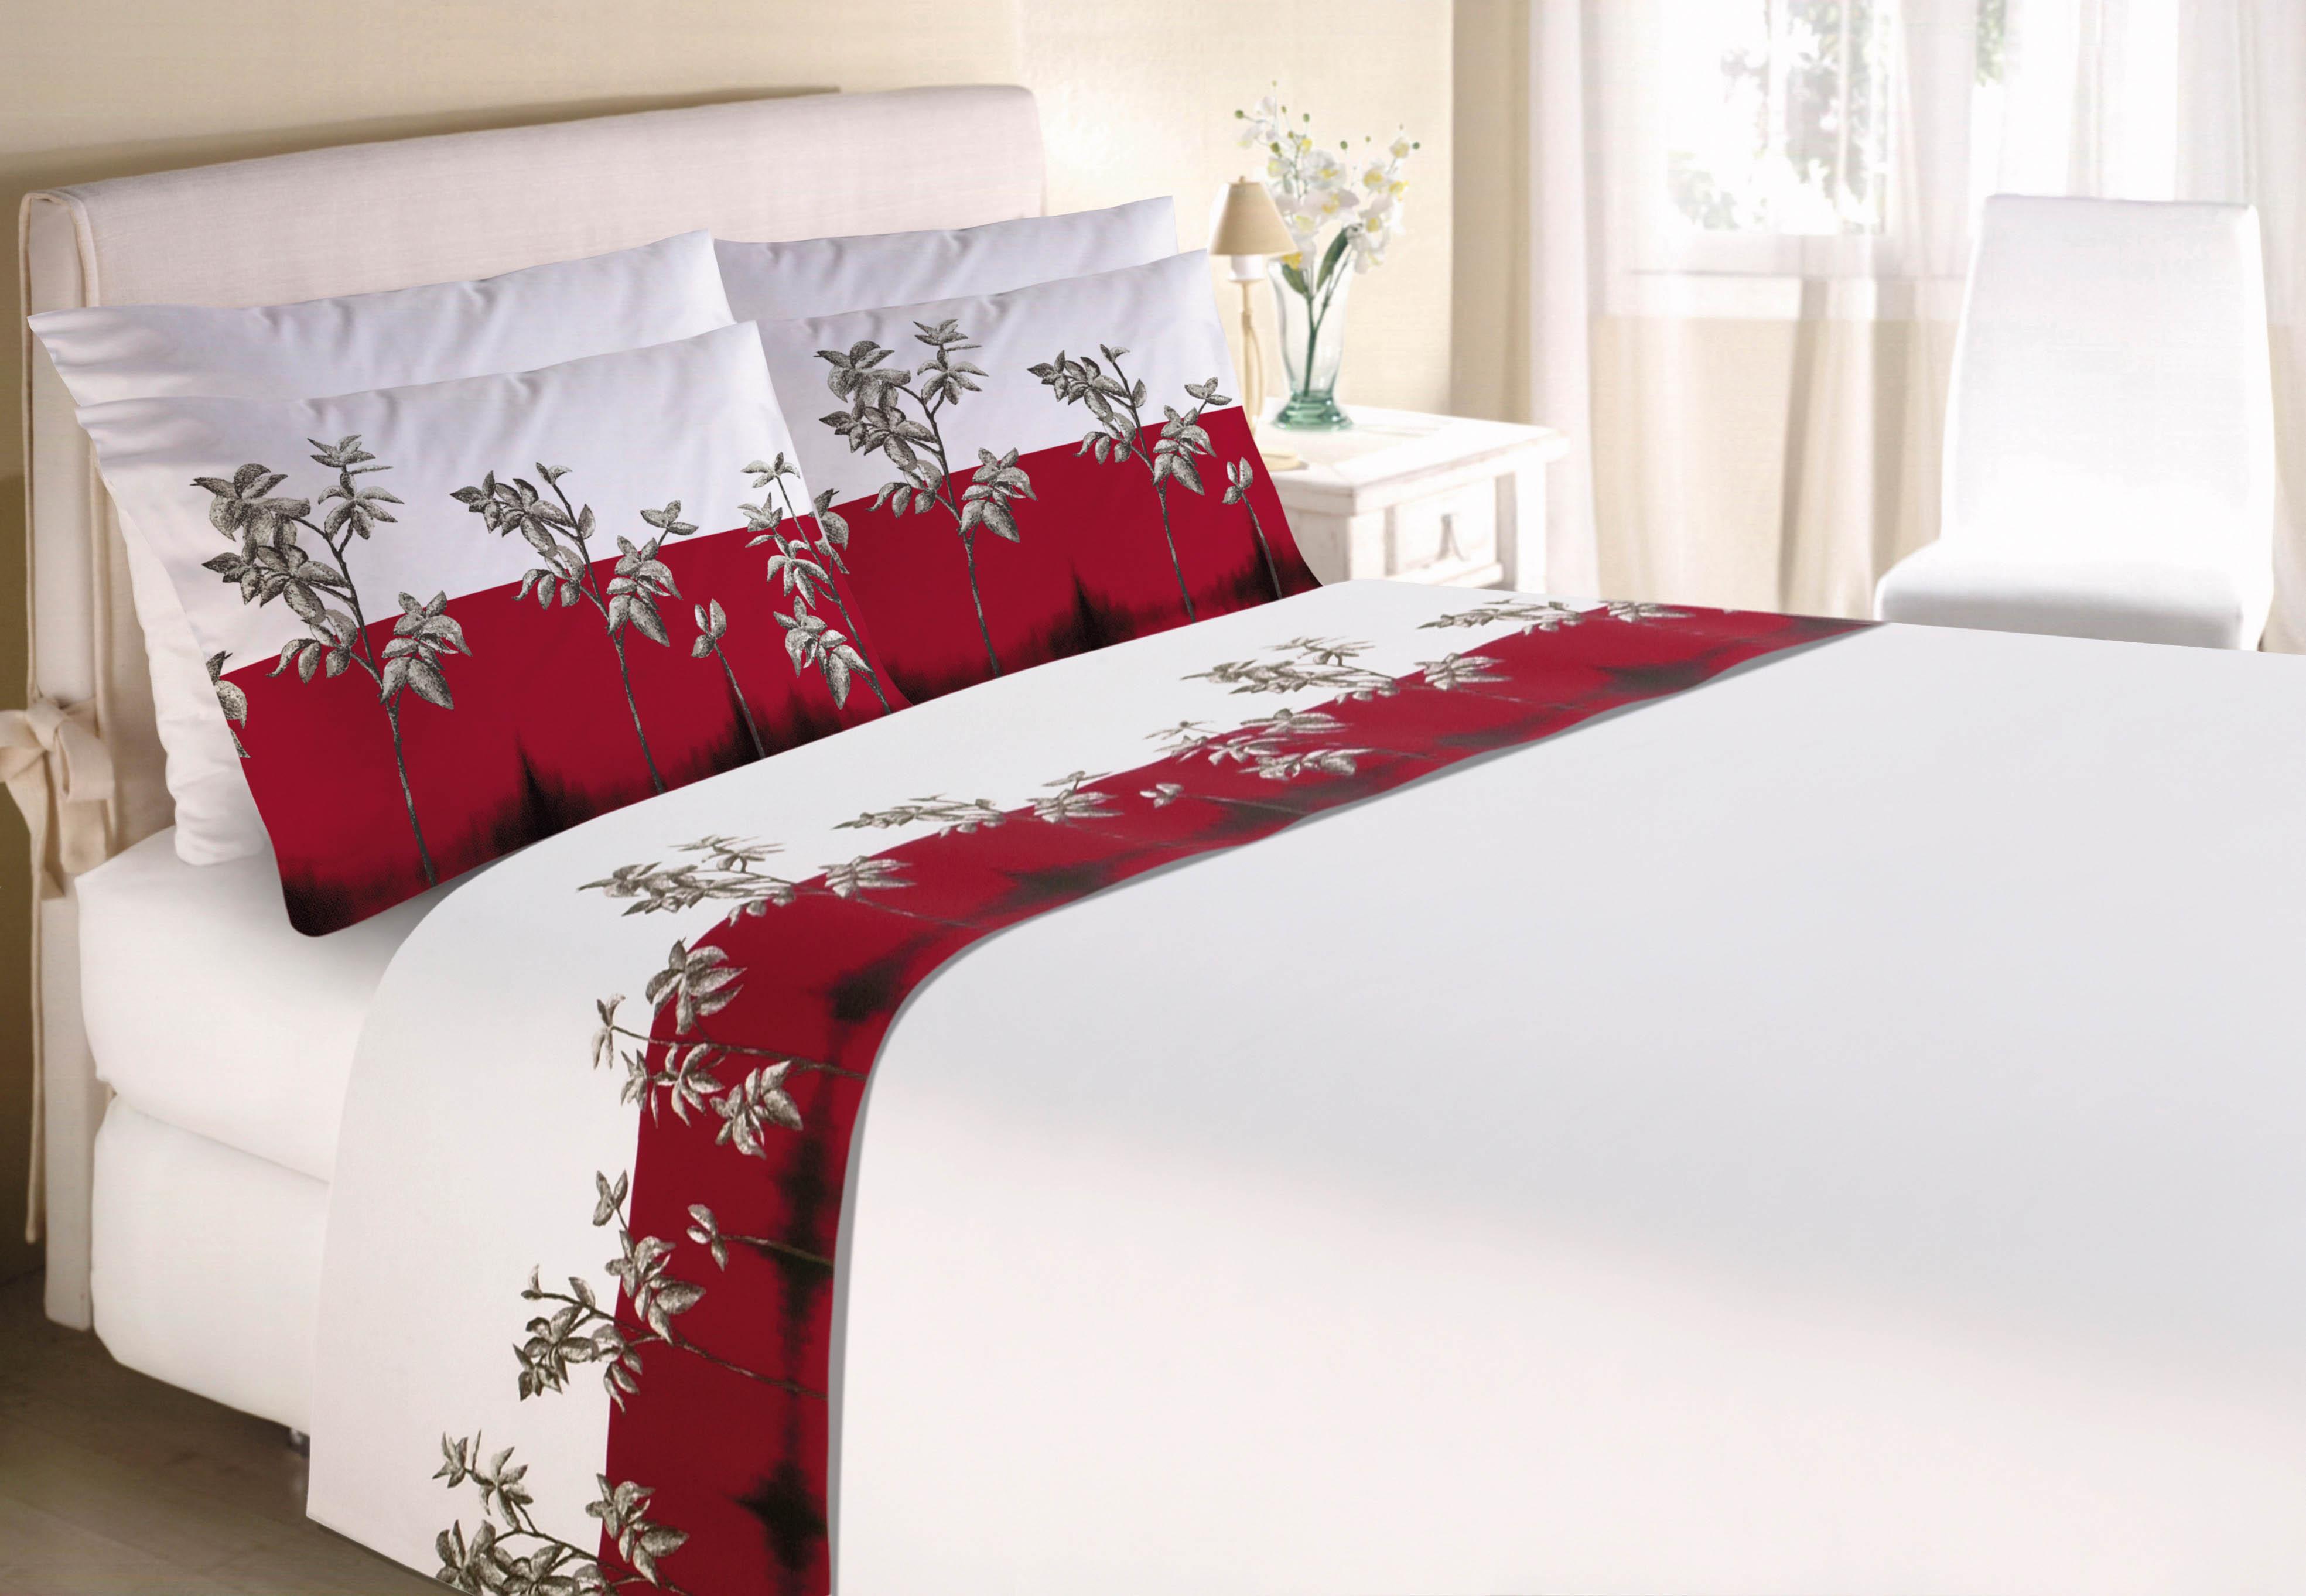 Em destaque cama de casal com jogo de lençóis e fronhas brancos com obra de arte com galhos folheados em fundo vermelho. Ao fundo, quarto mobiliado em branco.